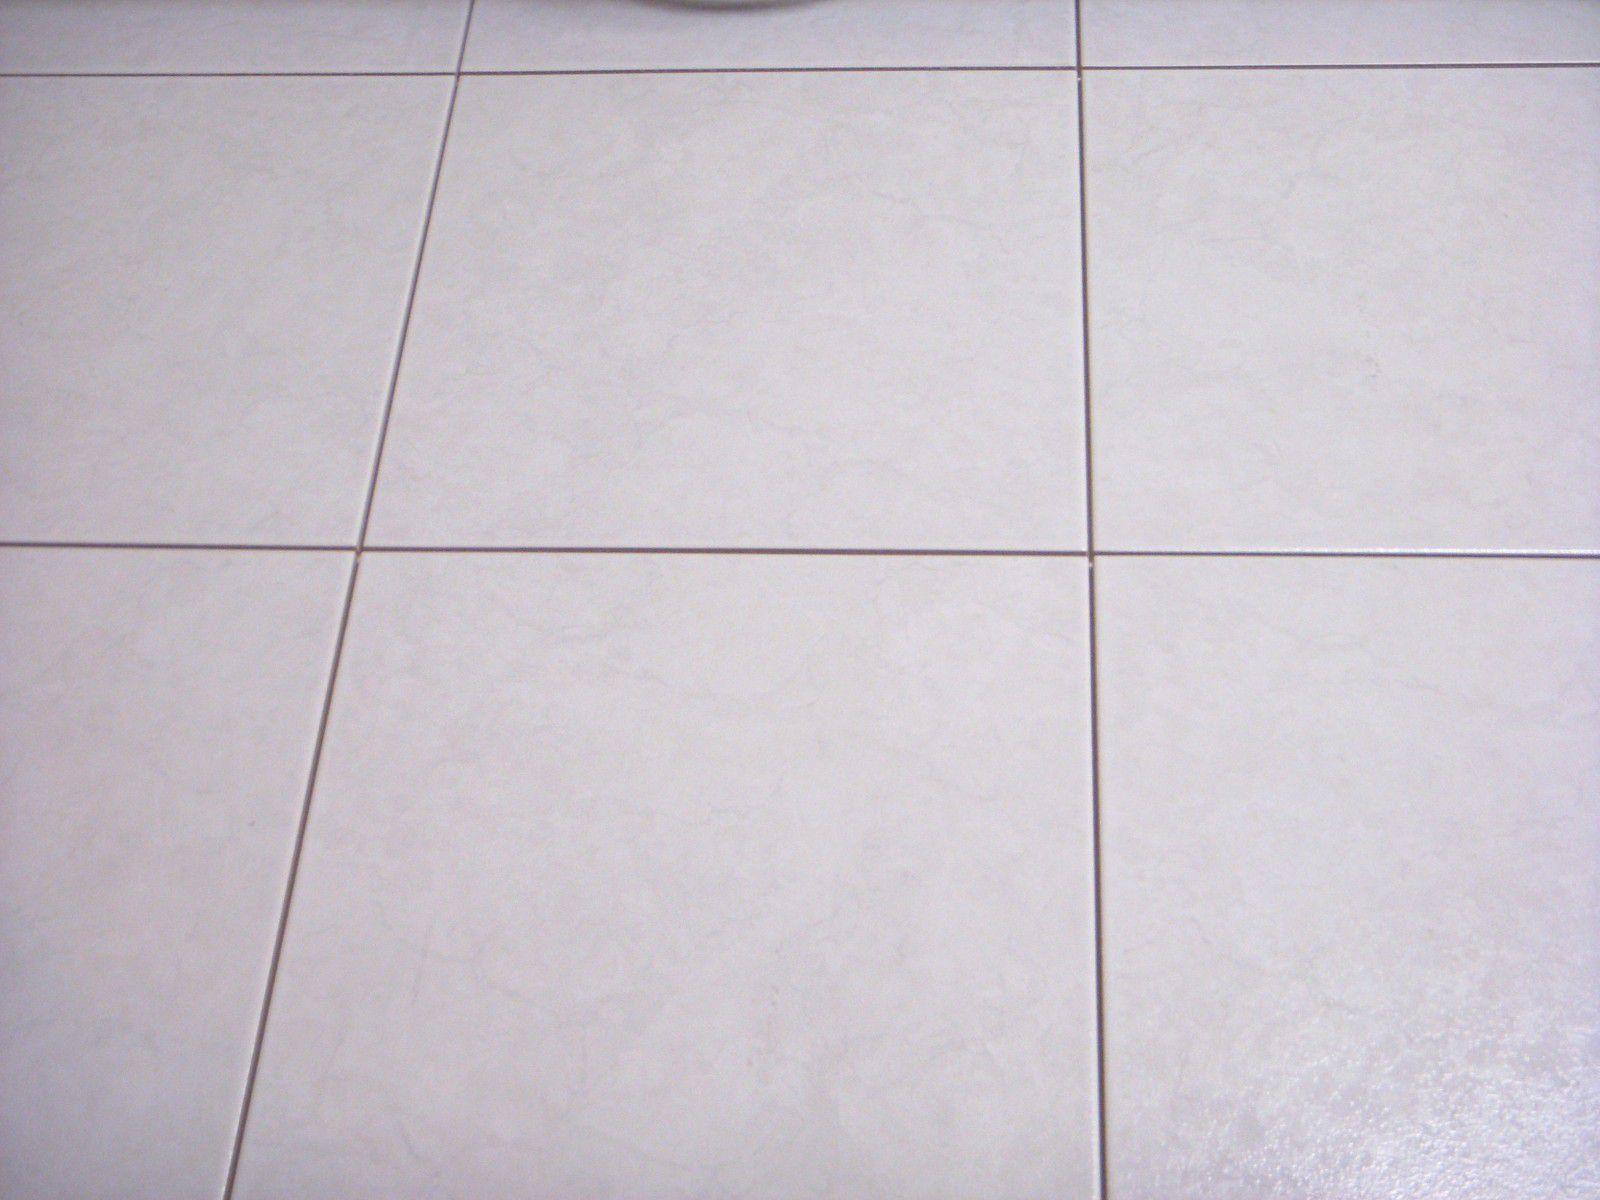 Image Result For Beau Salle De Bain Blanc Gris Carrelage Gris Skyros Gris X Cm As De Carreaux